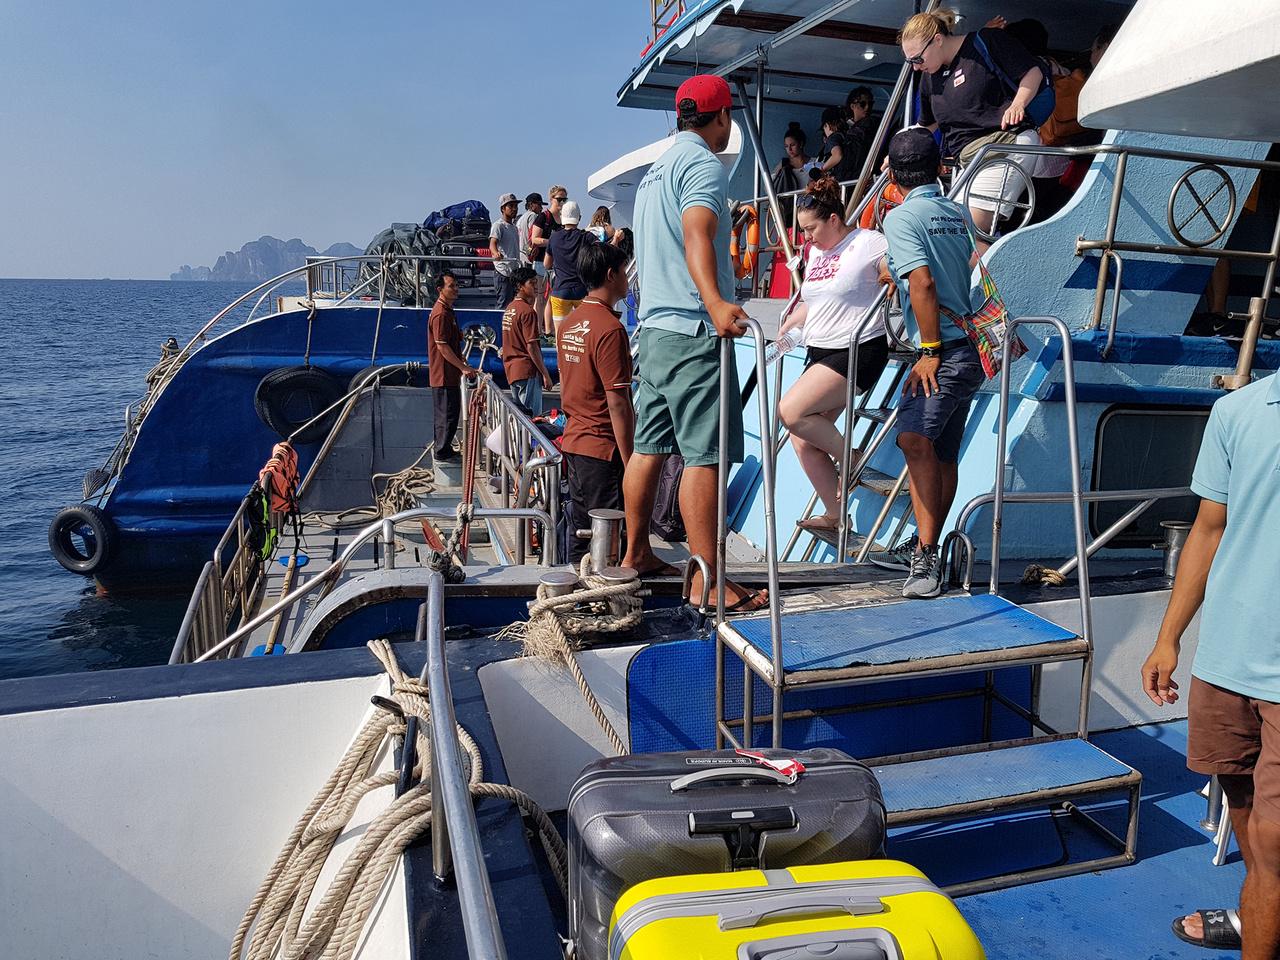 A hajózásnak kiemelten fontos szerepe van a szigetvilágban, itt éppen egy Koh Phi Phi szigetei melletti átszállás látható a fonódó kompok között, a nyílt tengeren. Kikötéssel nem vesződnek, egyszerűen a hajók összekapcsolása után szállnak át az utasok egyikről a másikra